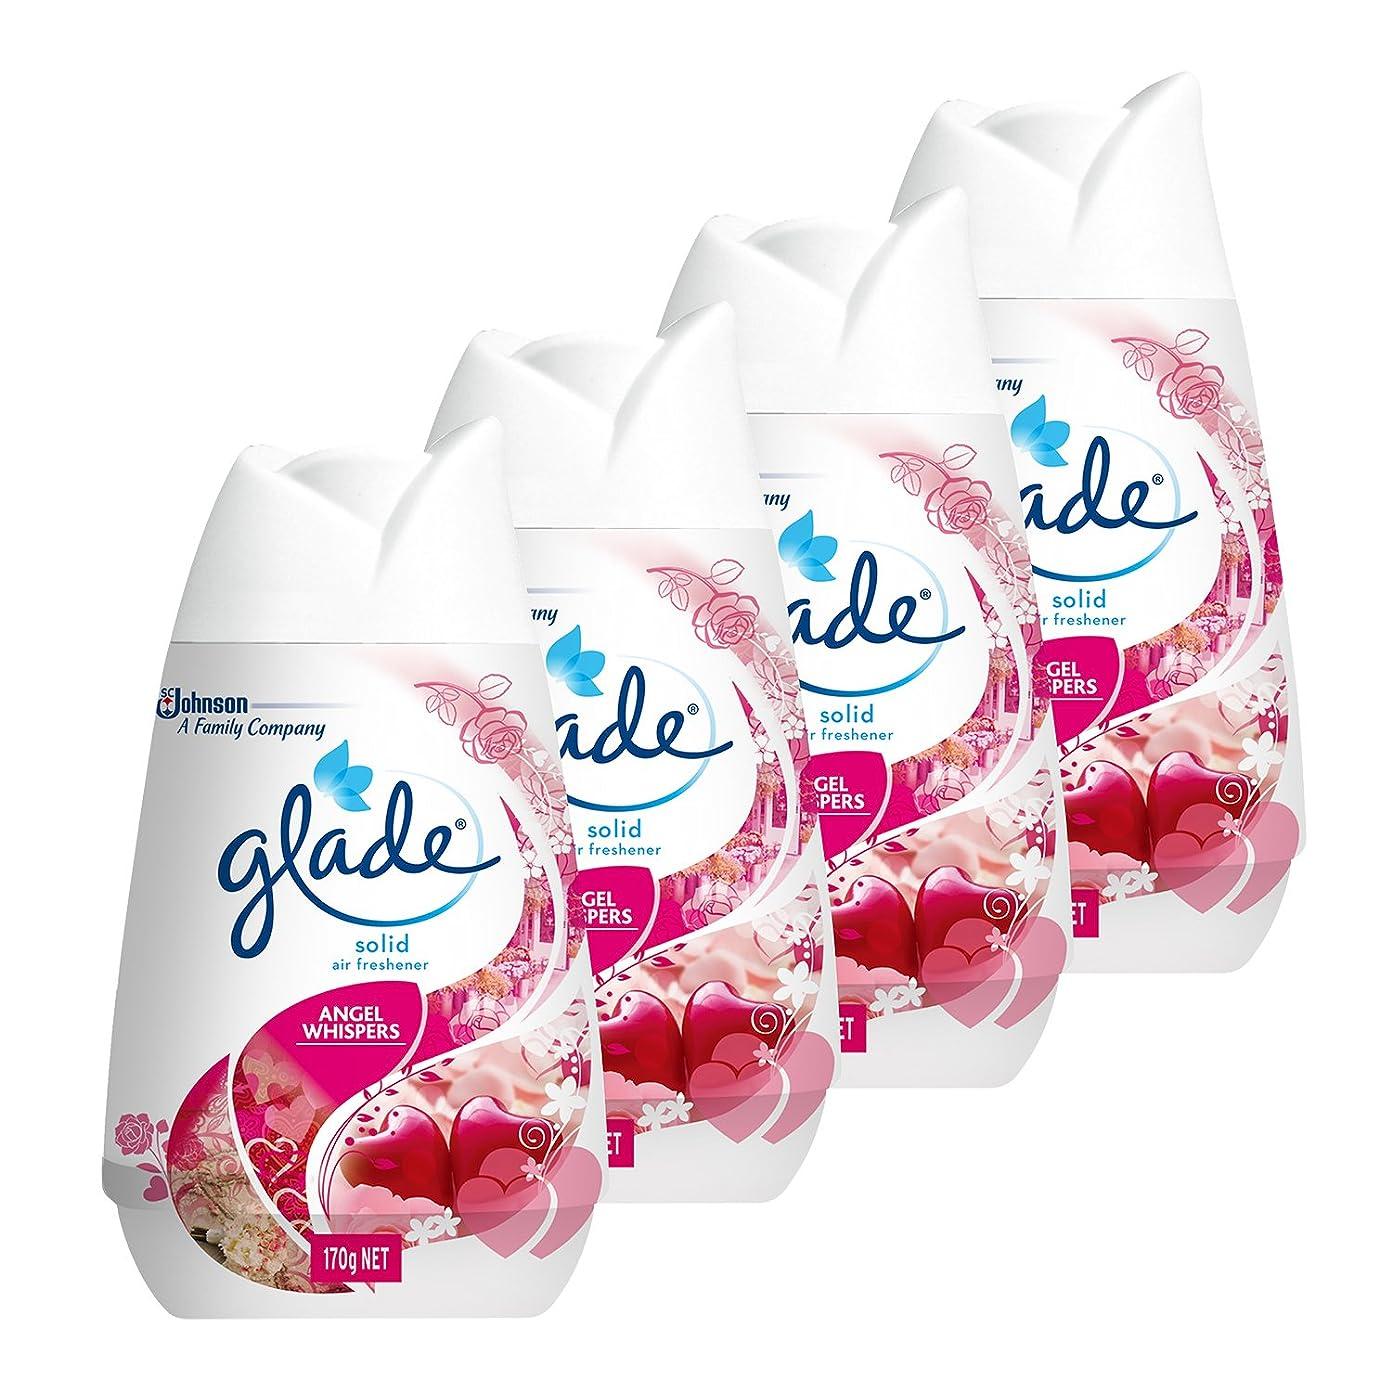 永久にポーズ秀でる【まとめ買い】 グレード 芳香剤 置き型 お部屋?トイレ用 ソリッドエアフレッシュナー エンジェルウィスパーの香り 4個セット 170g×4個